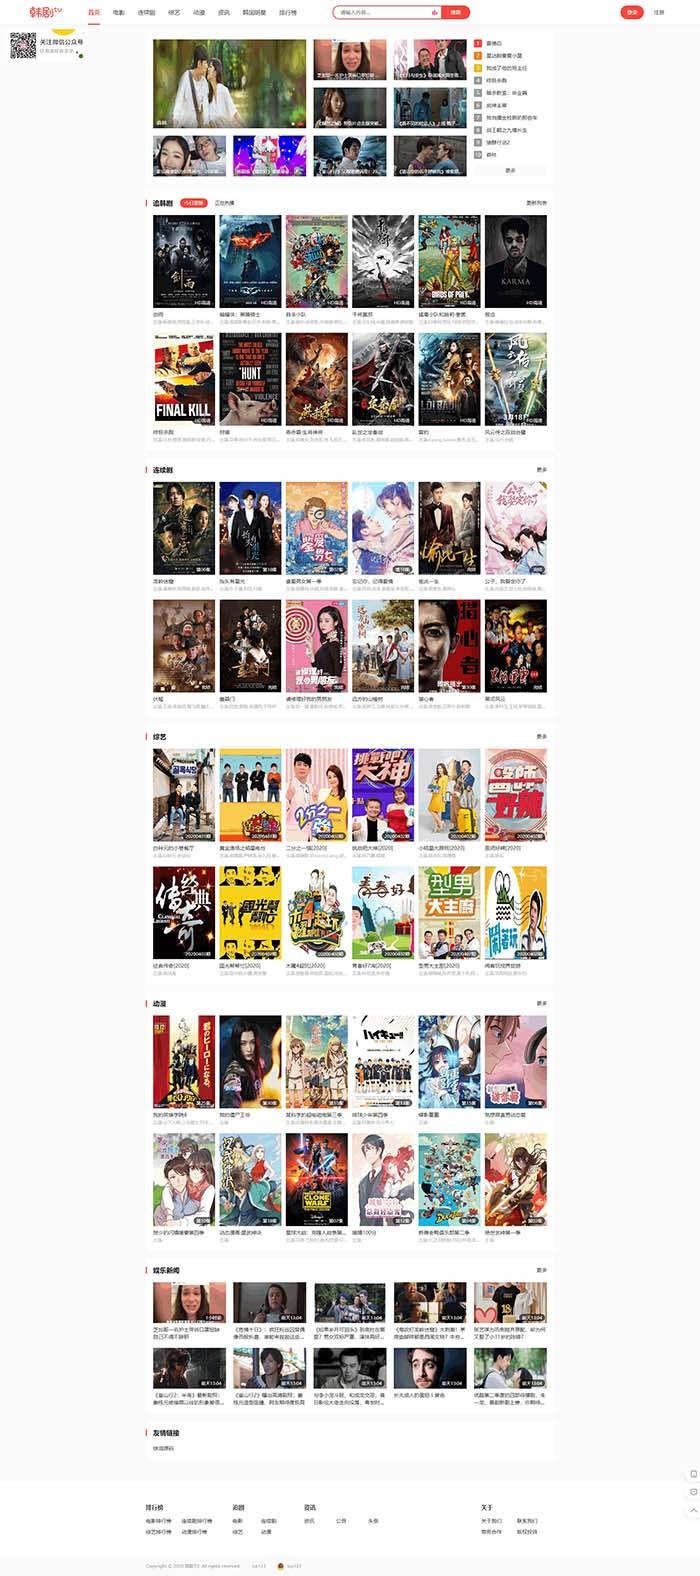 苹果CMS10仿韩剧TV网影视模板源码 PC+WAP双端模版「已测」-图1